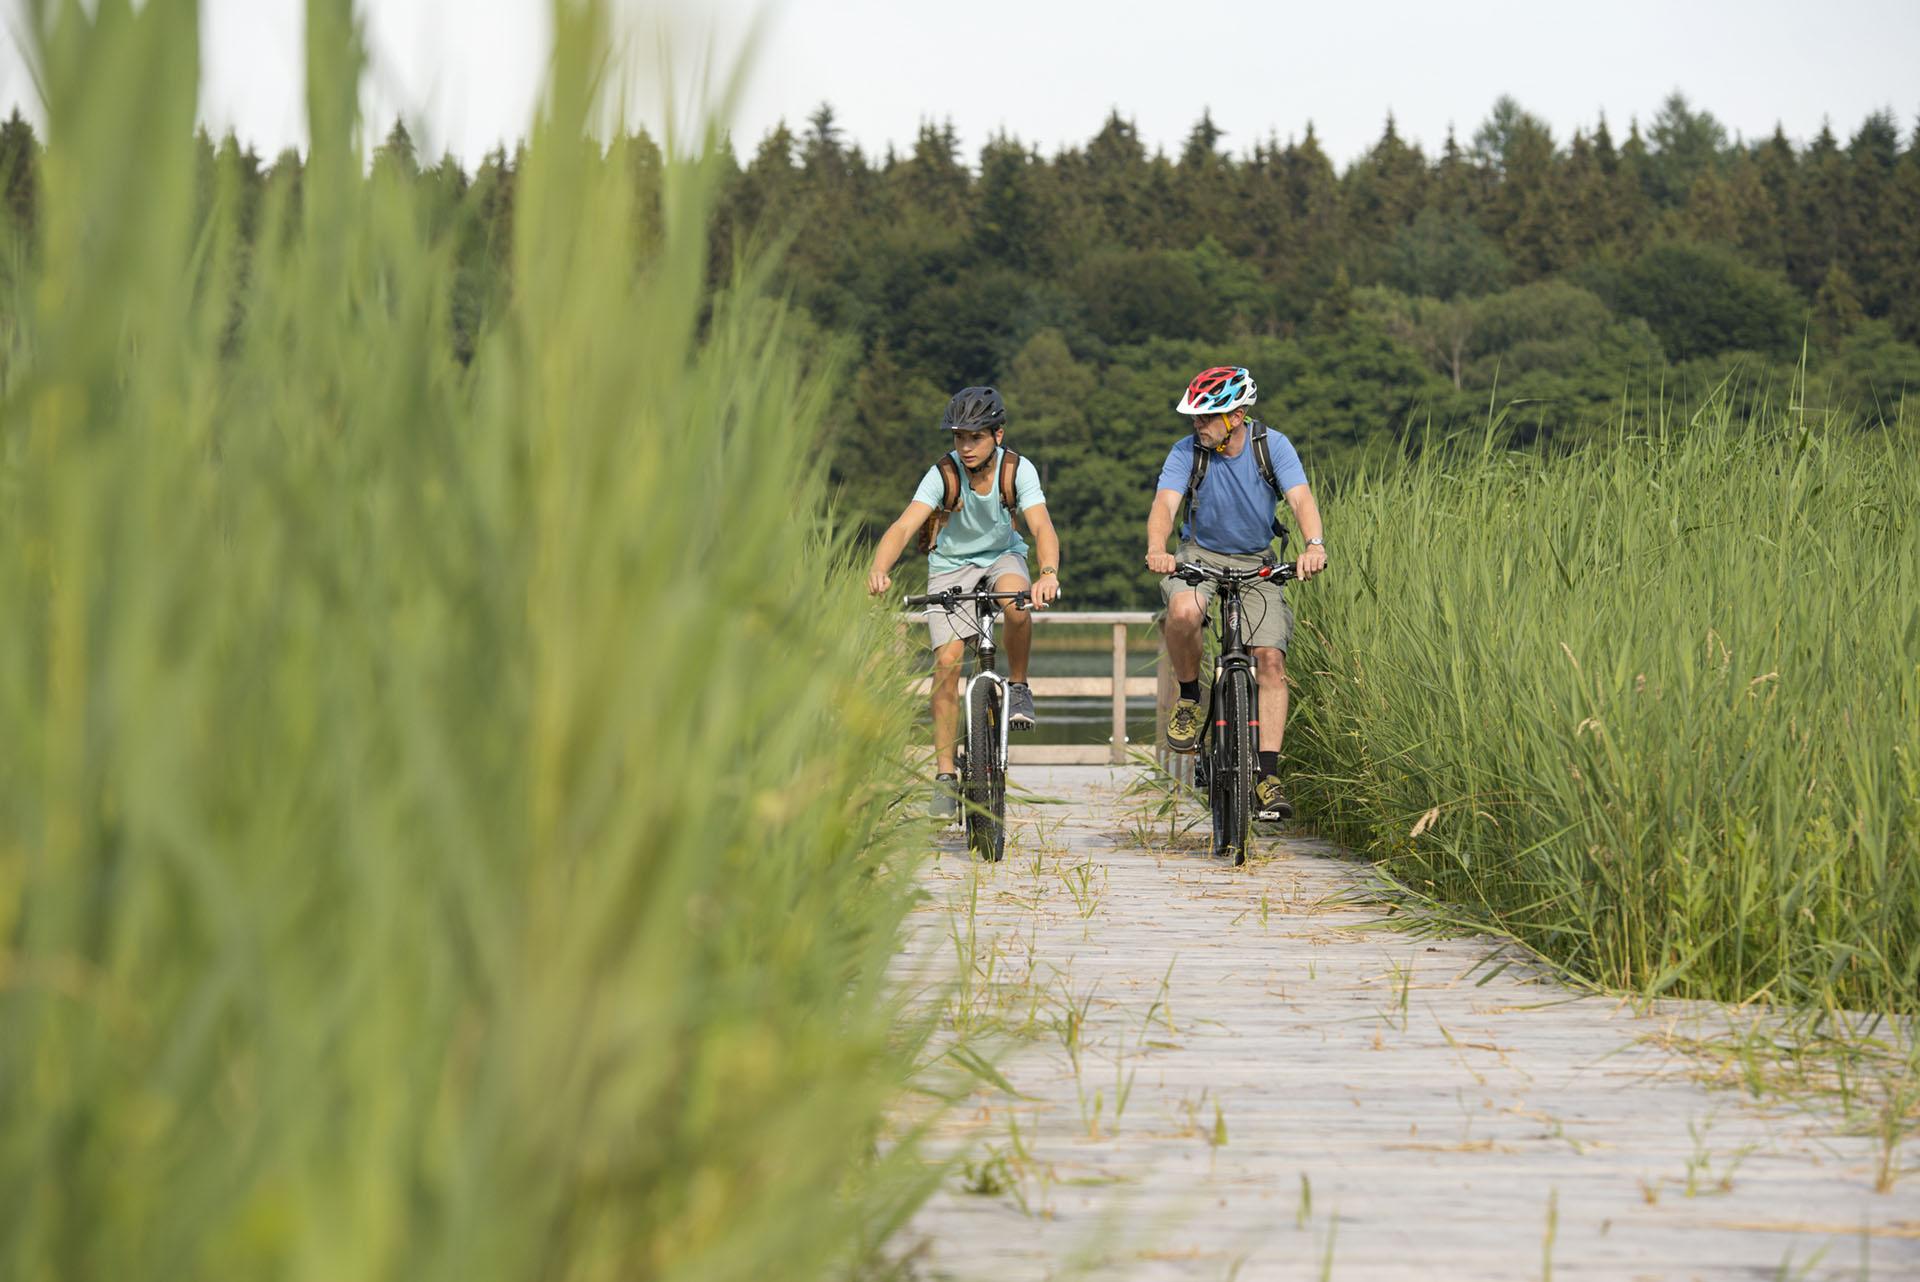 Zwei Radfahrer genießen die Natur auf ihrer Radtour